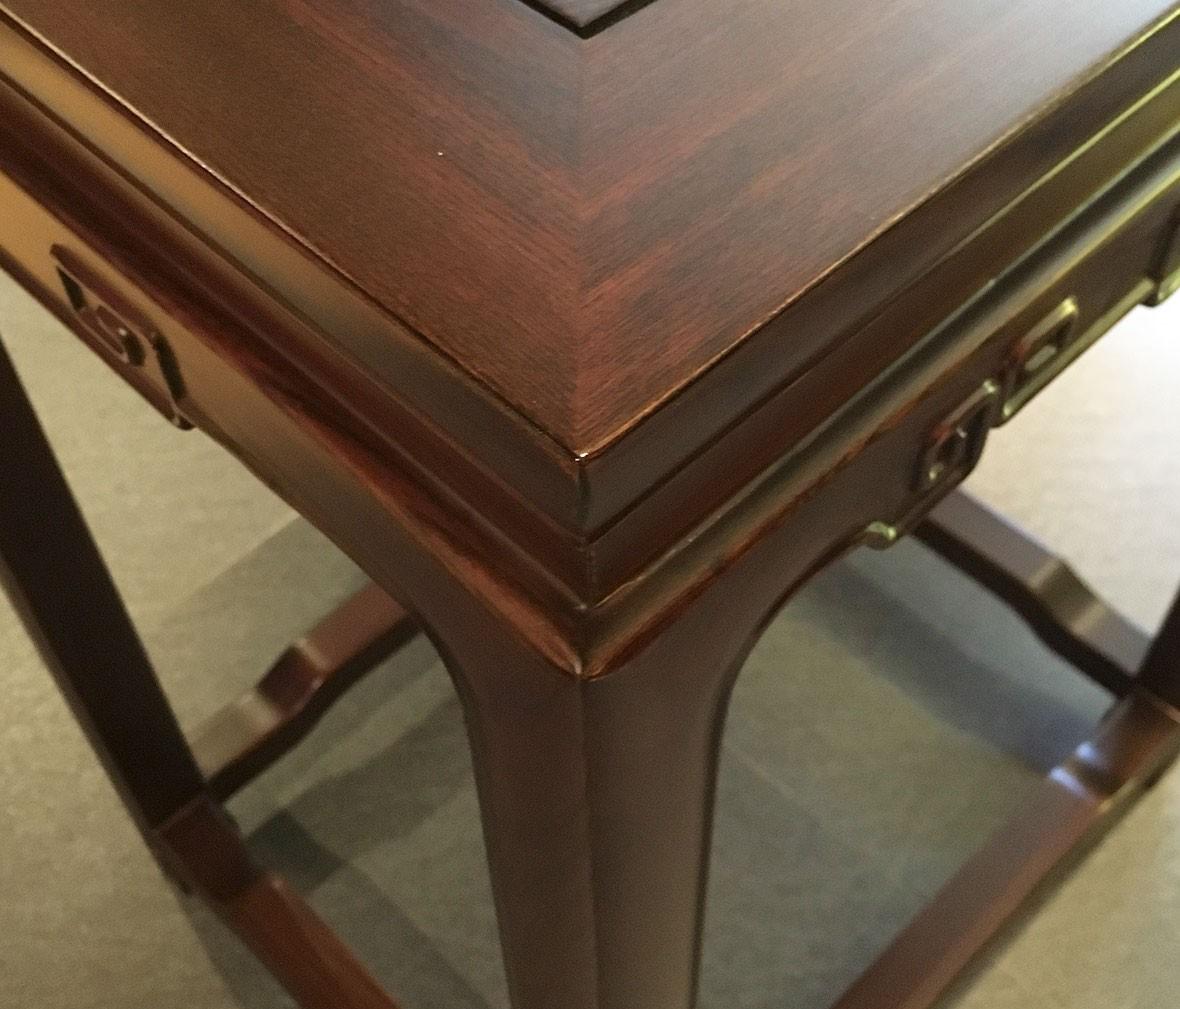 祥华坊家具 XJD-ZJ02814型号束腰回纹茶几 中式古典实木家具